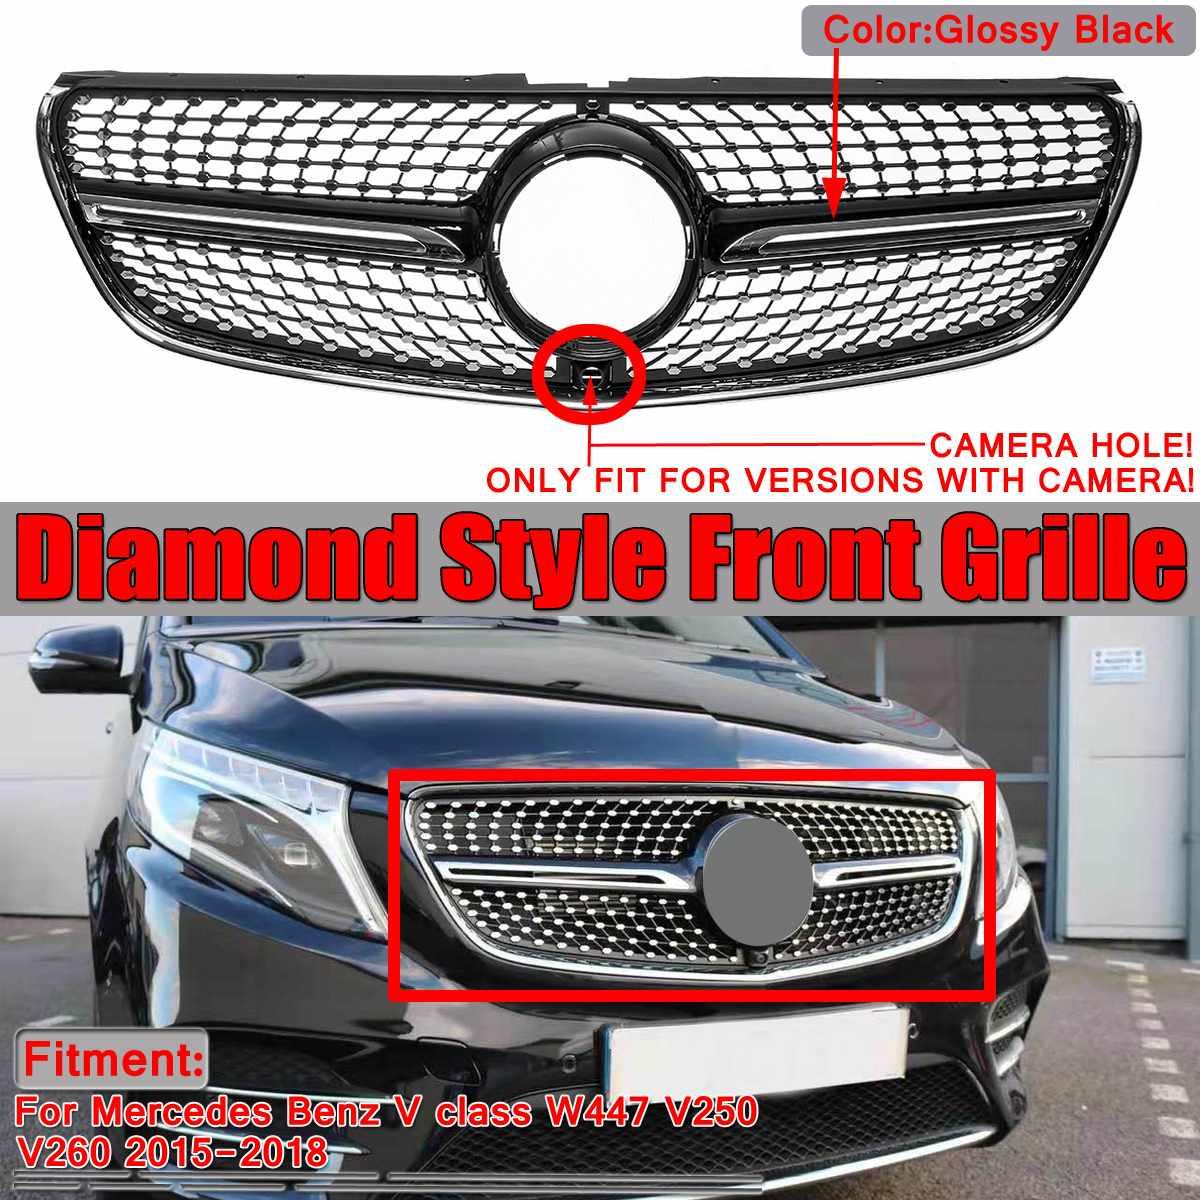 Maille de gril de diamant W447 Grille de calandre de voiture avec caméra pour Mercedes pour Benz classe V W447 V250 V260 2015-2018 noir/Chrome